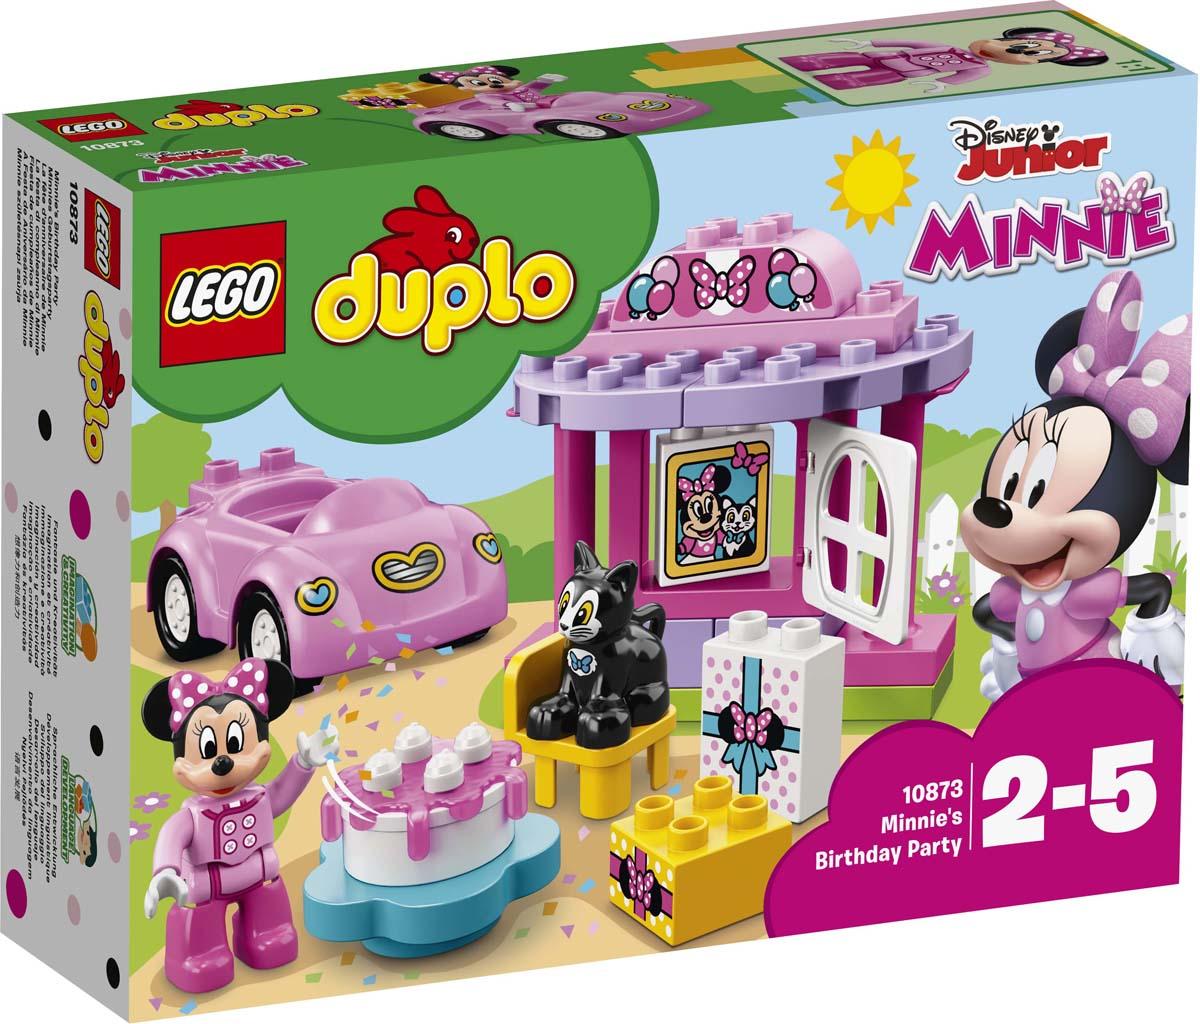 LEGO DUPLO Disney 10873 День рождения Минни Конструктор lego duplo lego 10873 день рождения минни